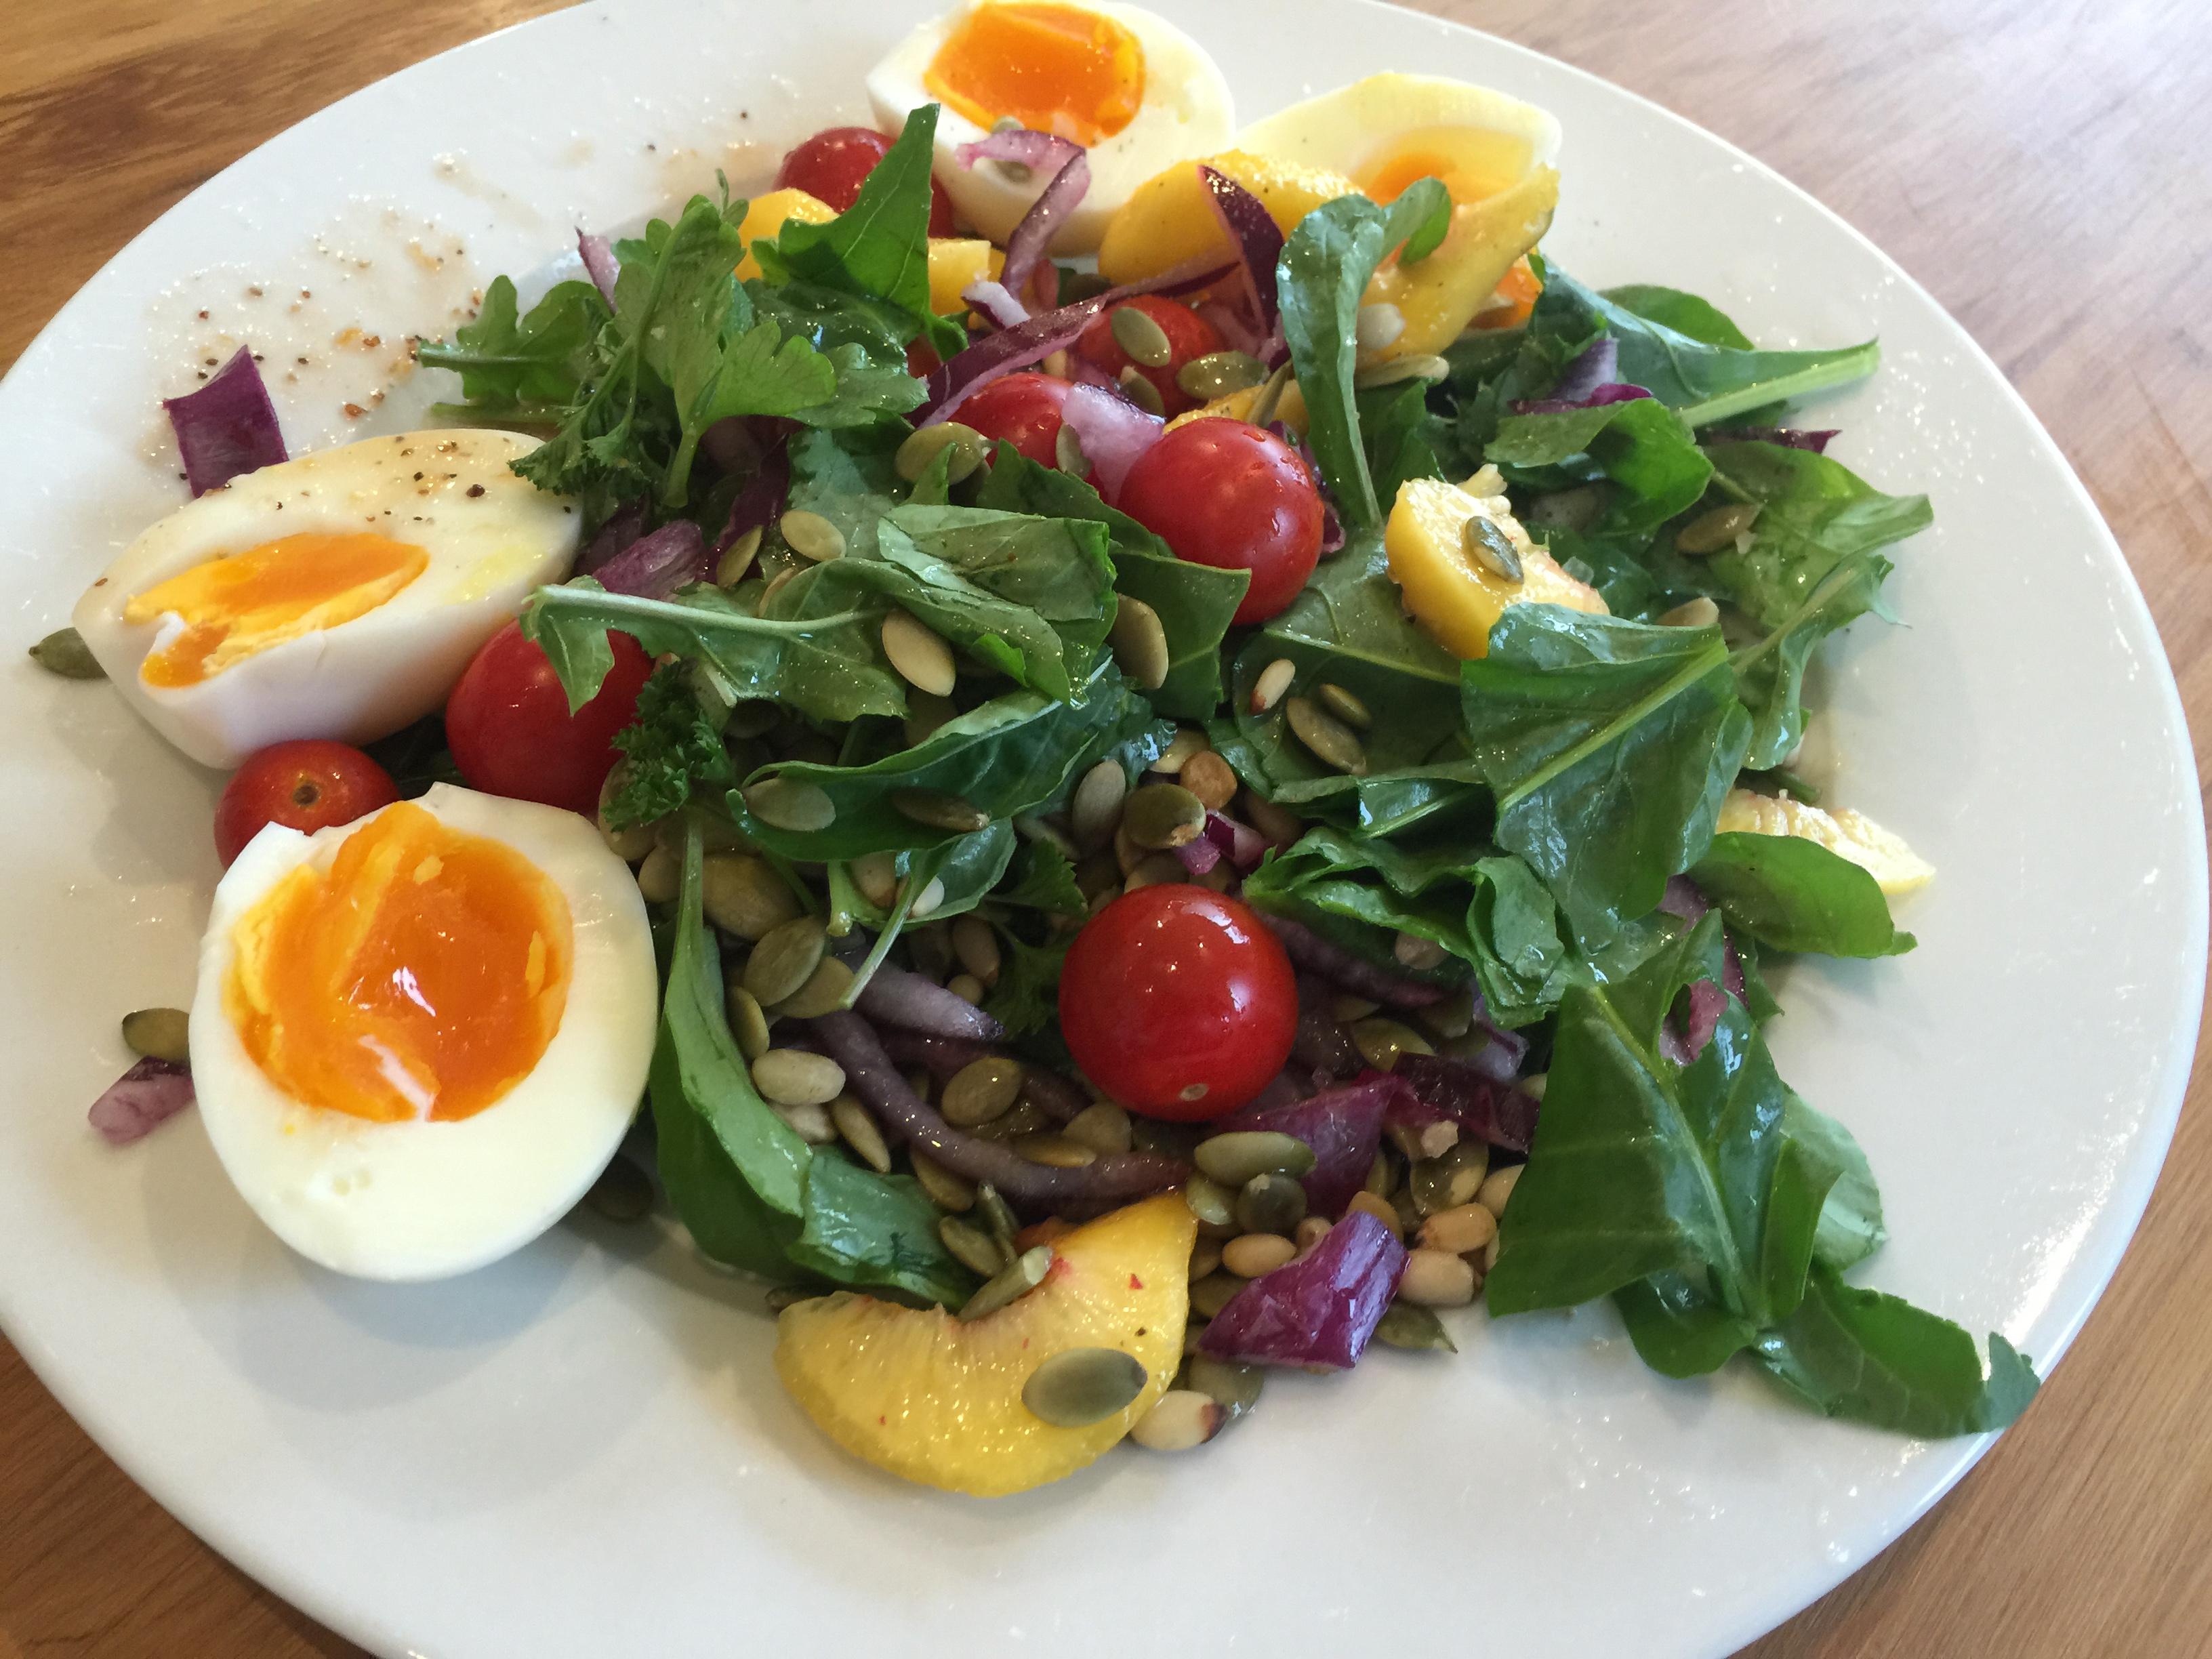 seed salad on plate